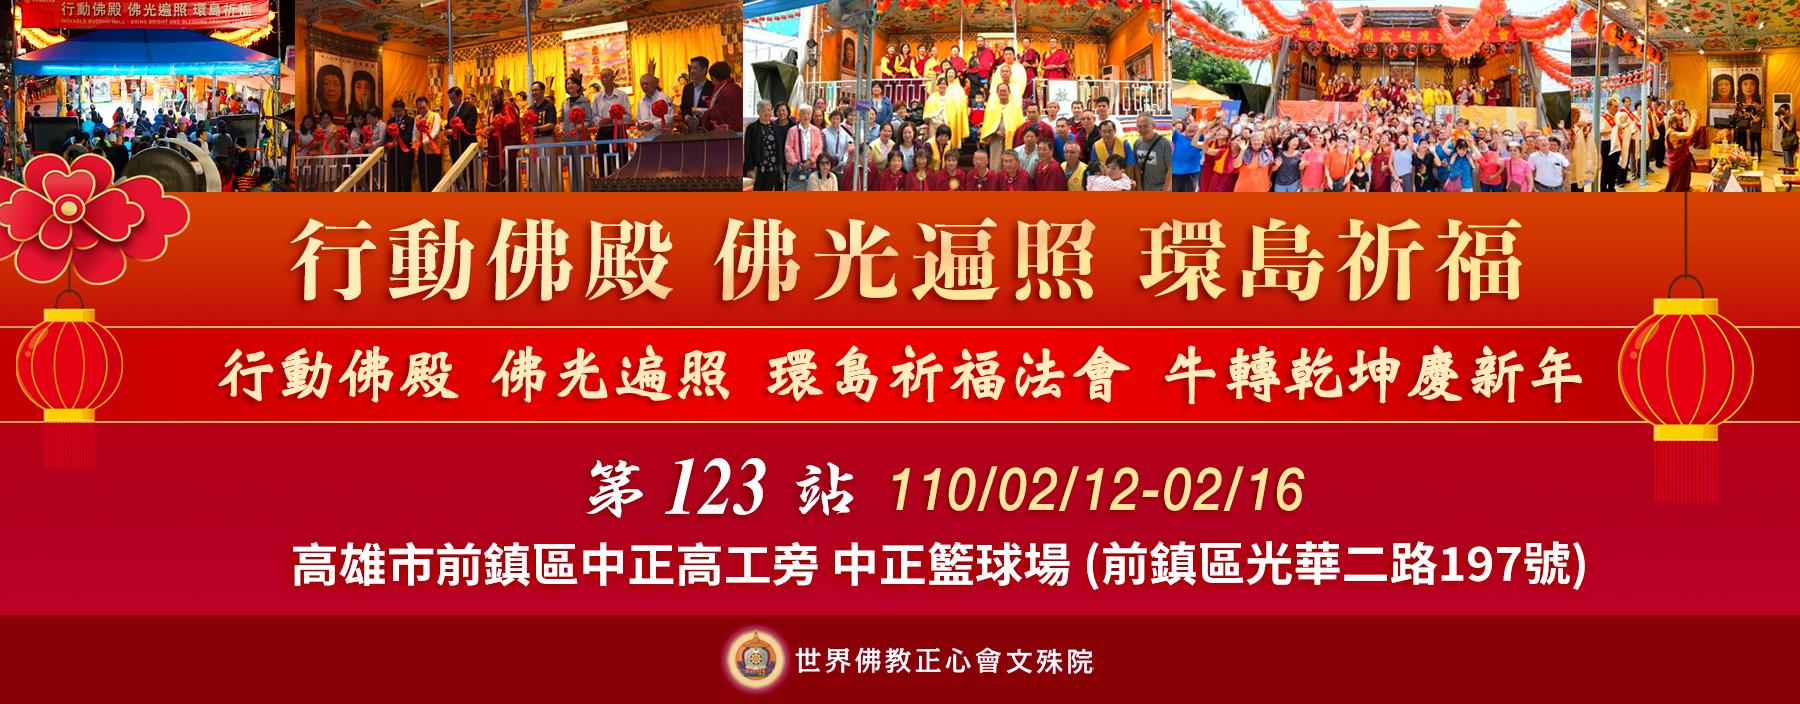 行動佛殿123站高雄前鎮-新春祈福大法會